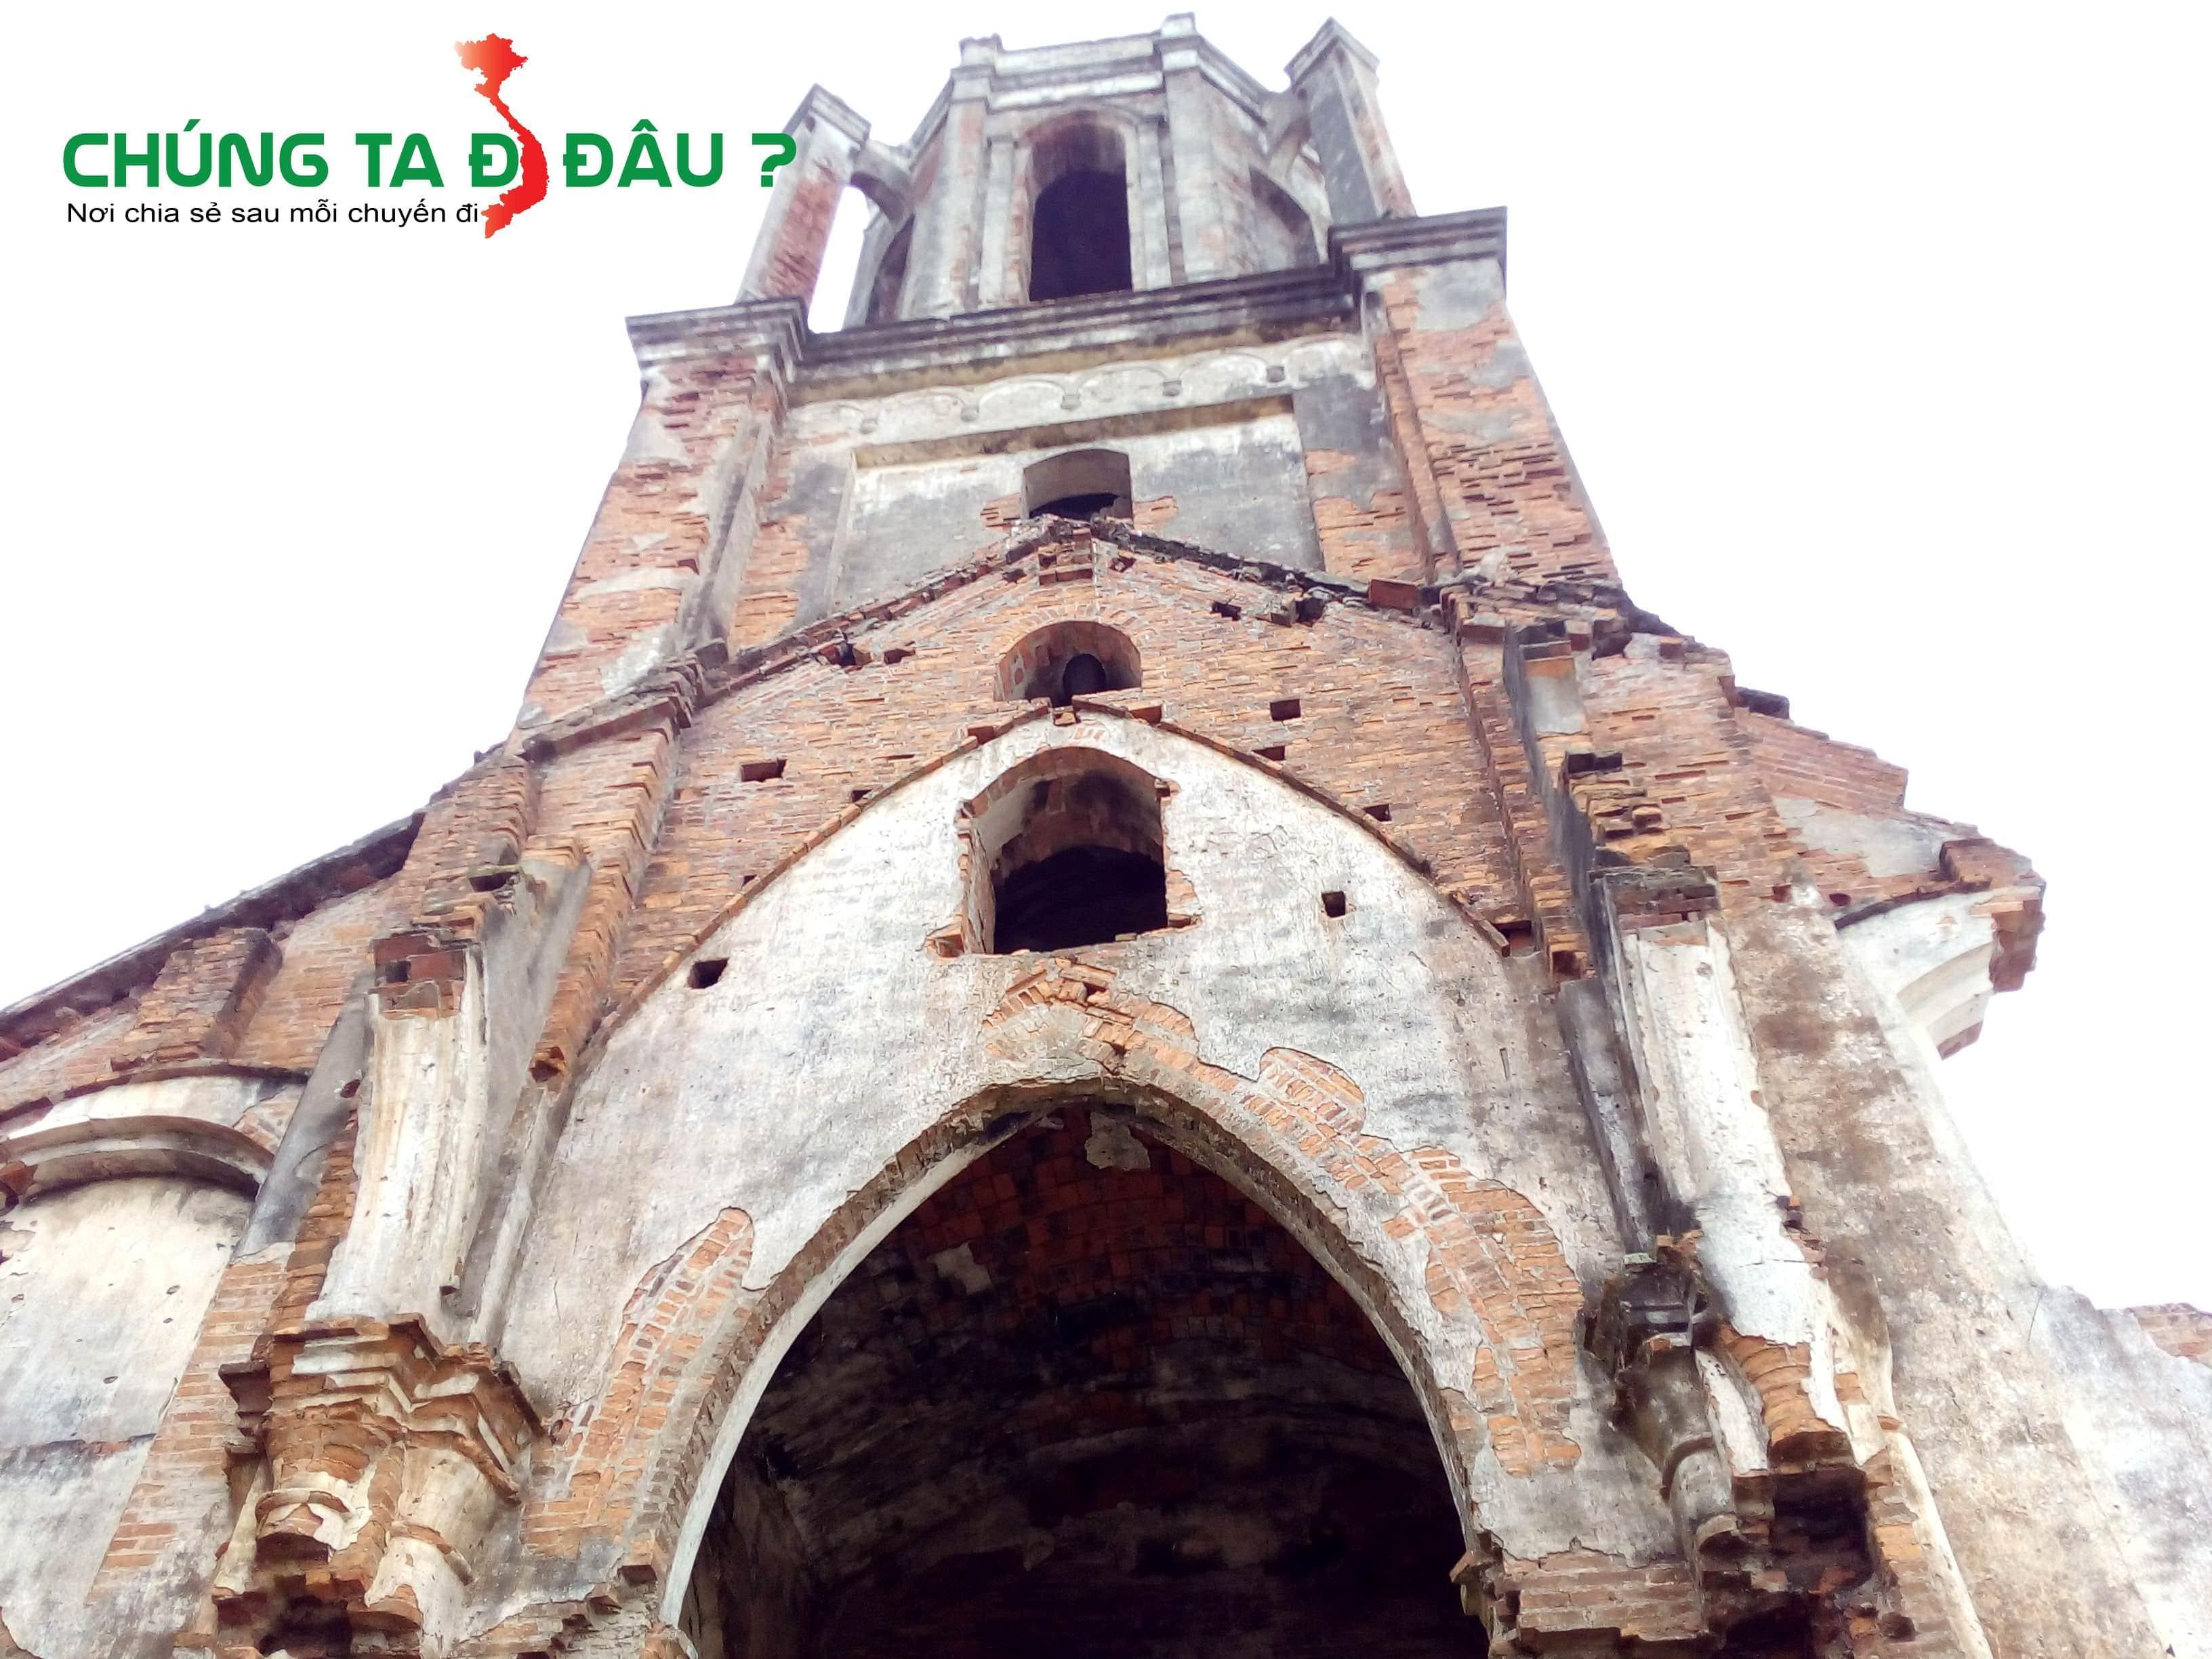 Nhà thờ chỉ còn lại 1 khoang phía trước, phía sau gần như đã đổ vỡ hết